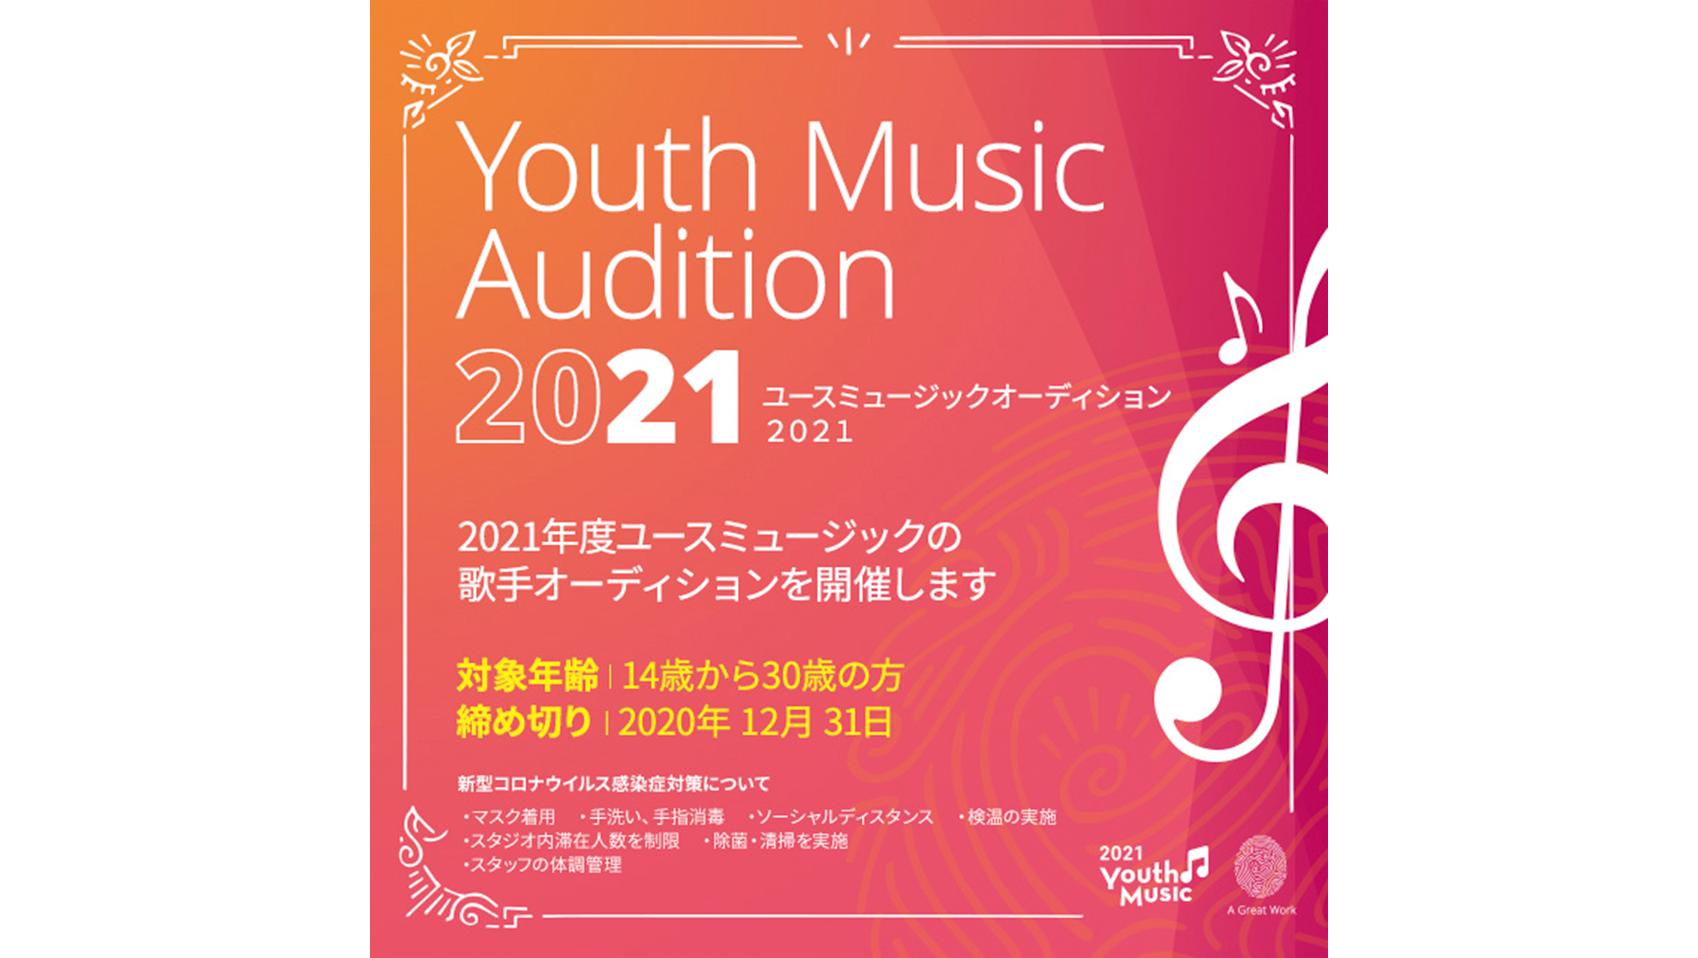 ユースミュージックオーディション | Youth Music Audition